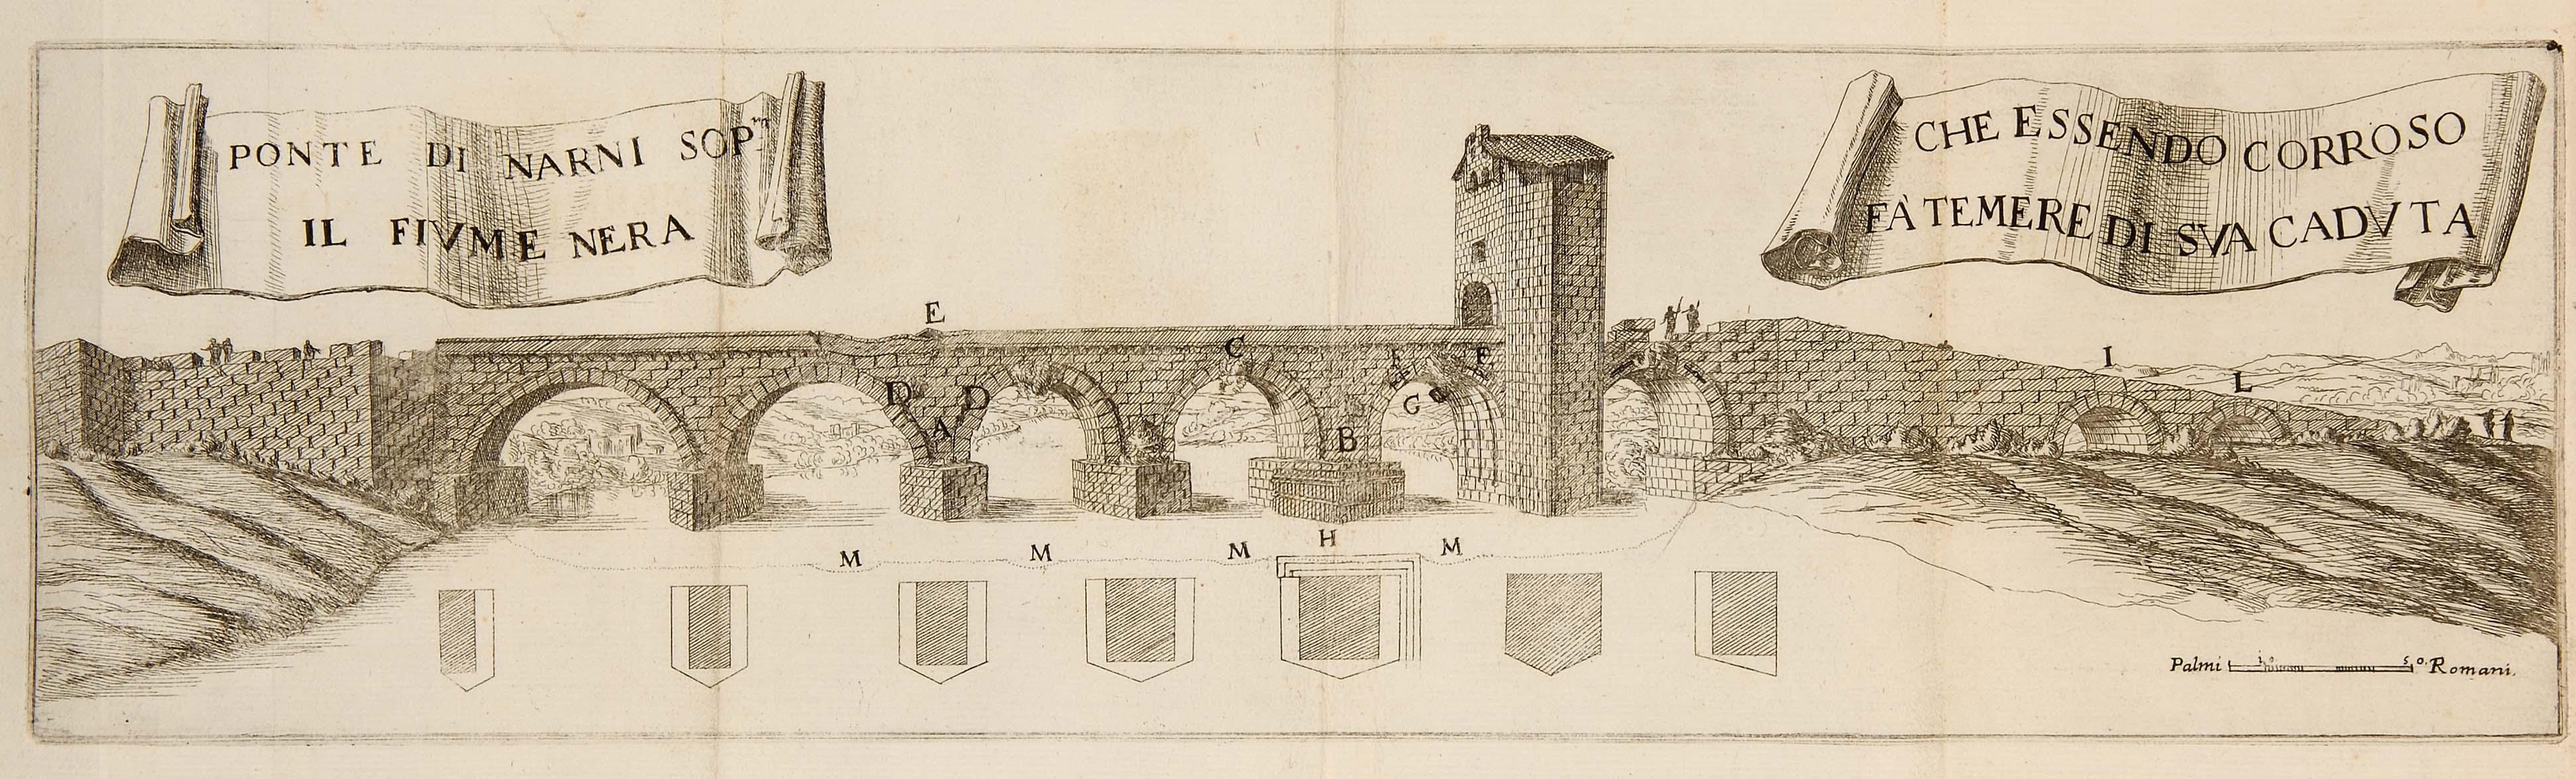 1676 MARTINELLI, AGOSTINO. DESCRITTIONE DI DIVERSI PONTI ESISTENTI SOPRA LI FIUMI